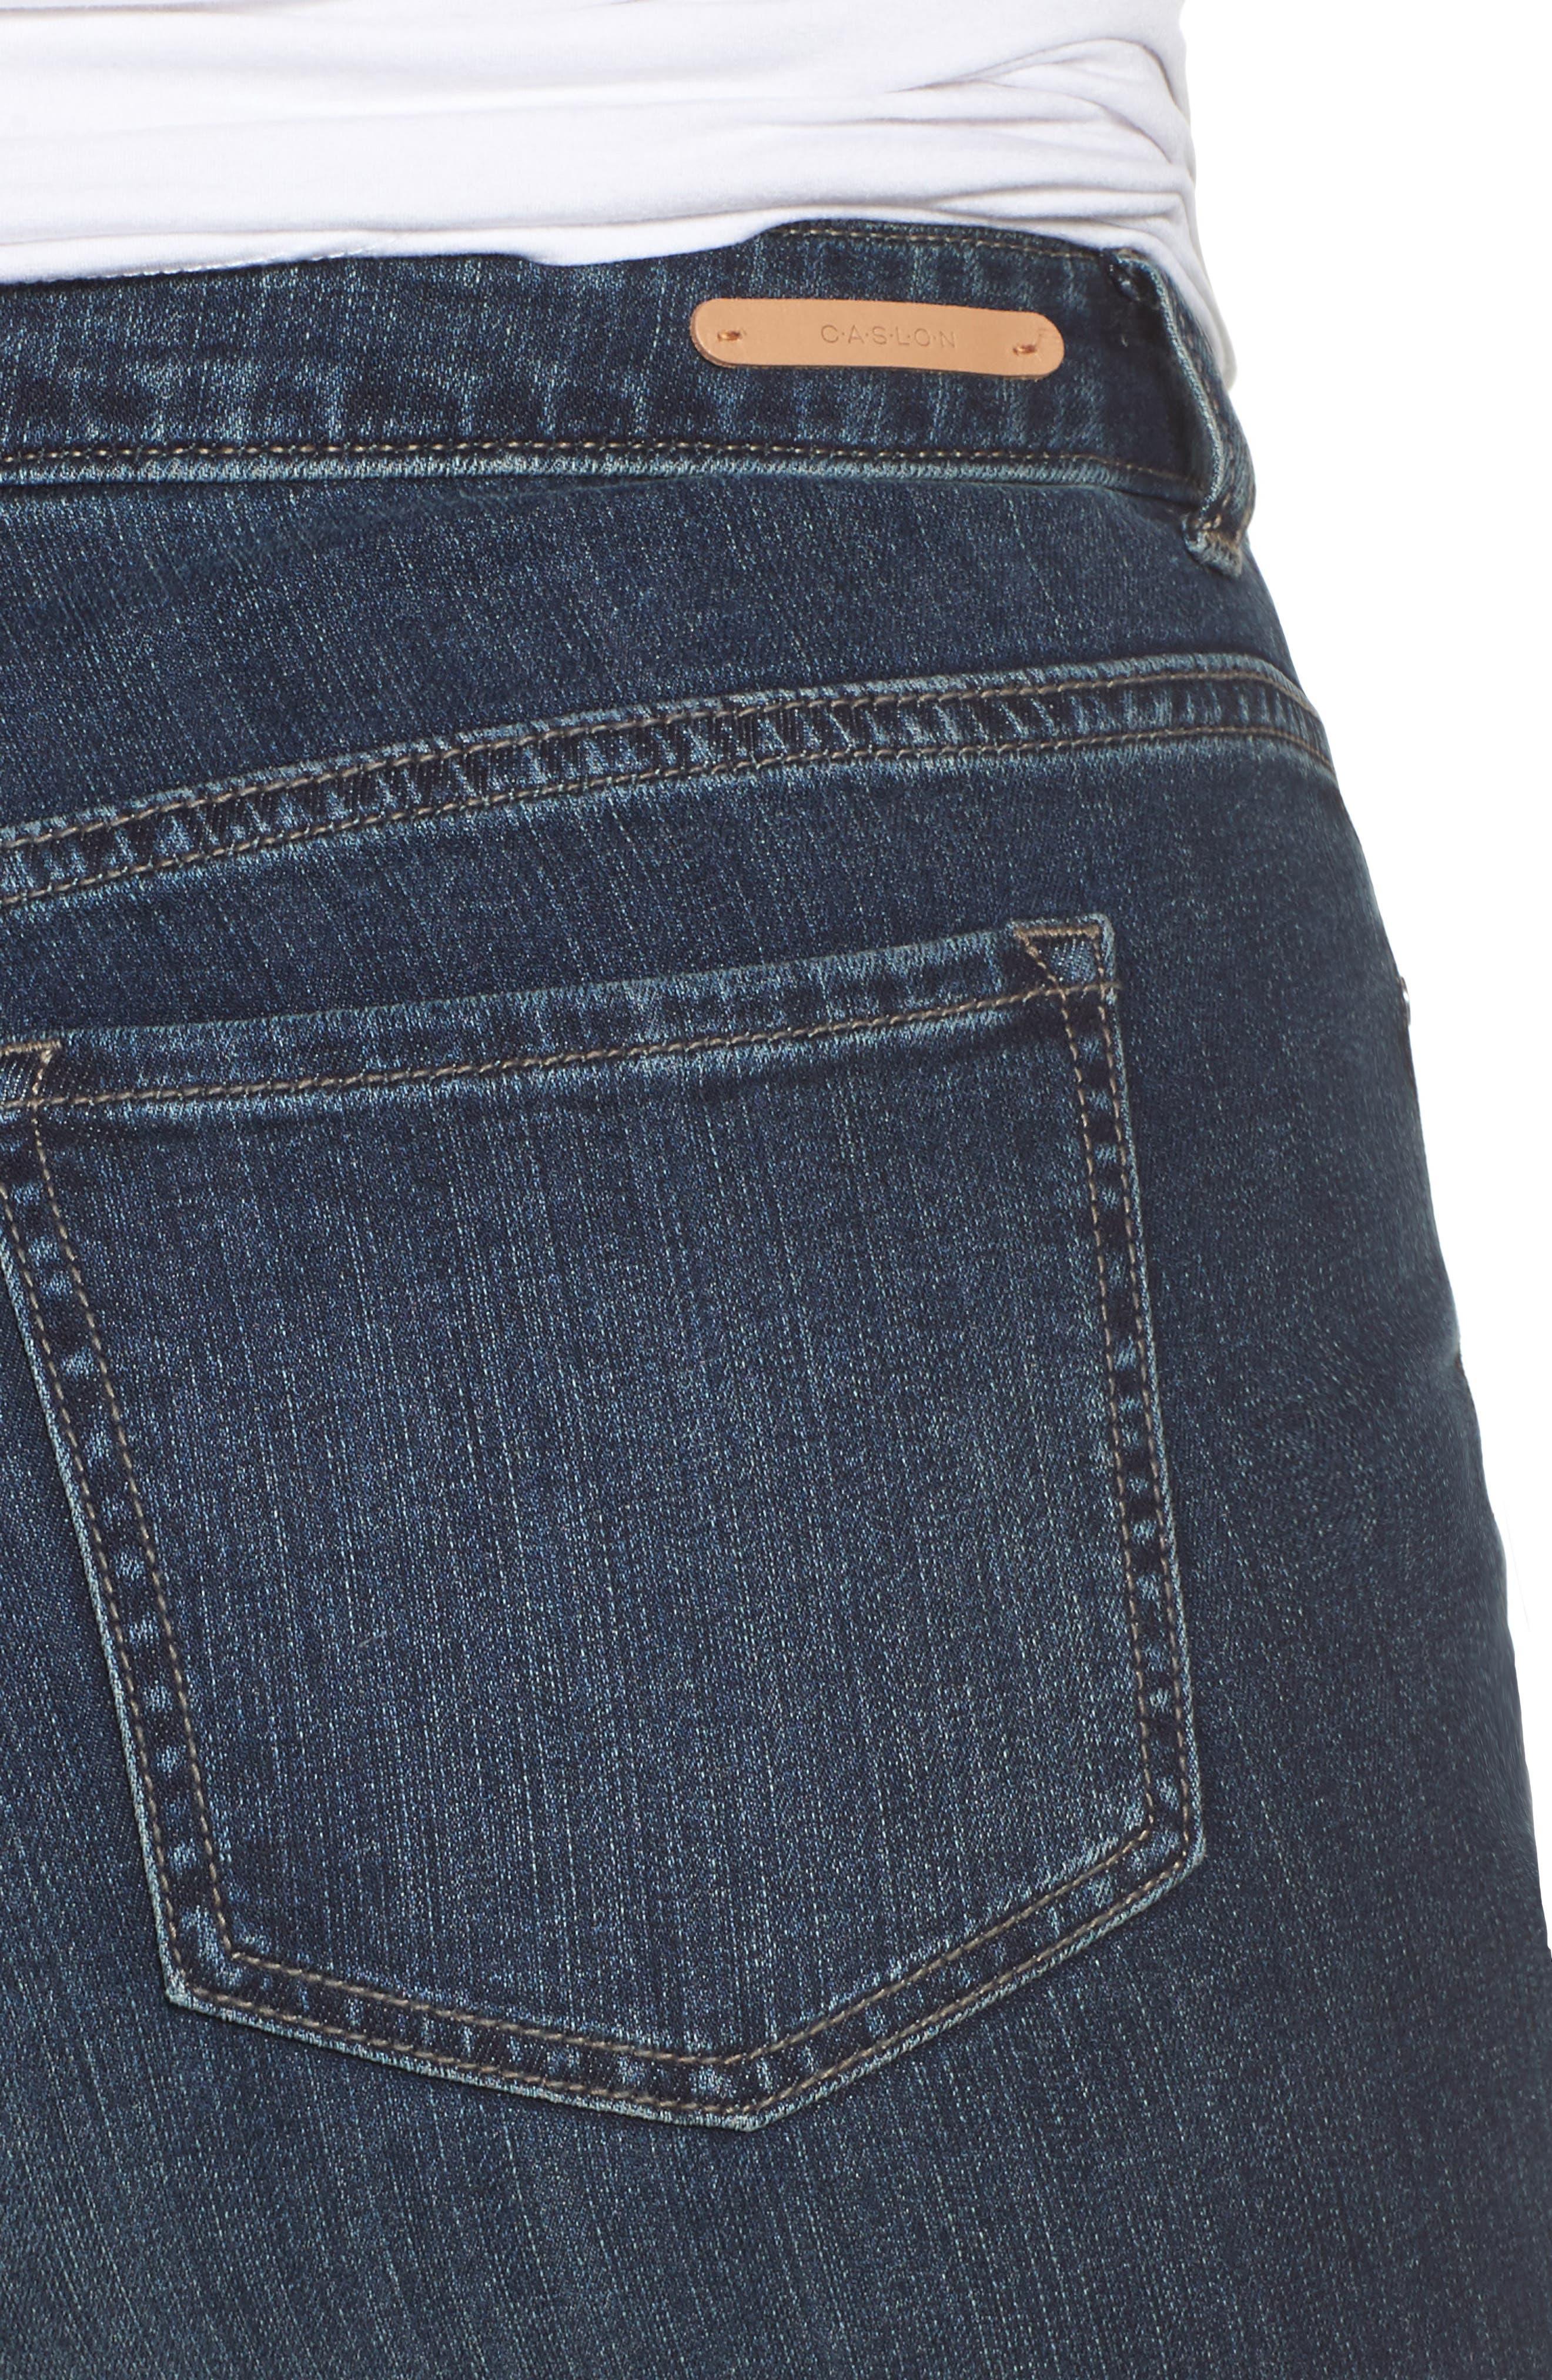 Boyfriend Jeans,                             Alternate thumbnail 4, color,                             Mirage Wash